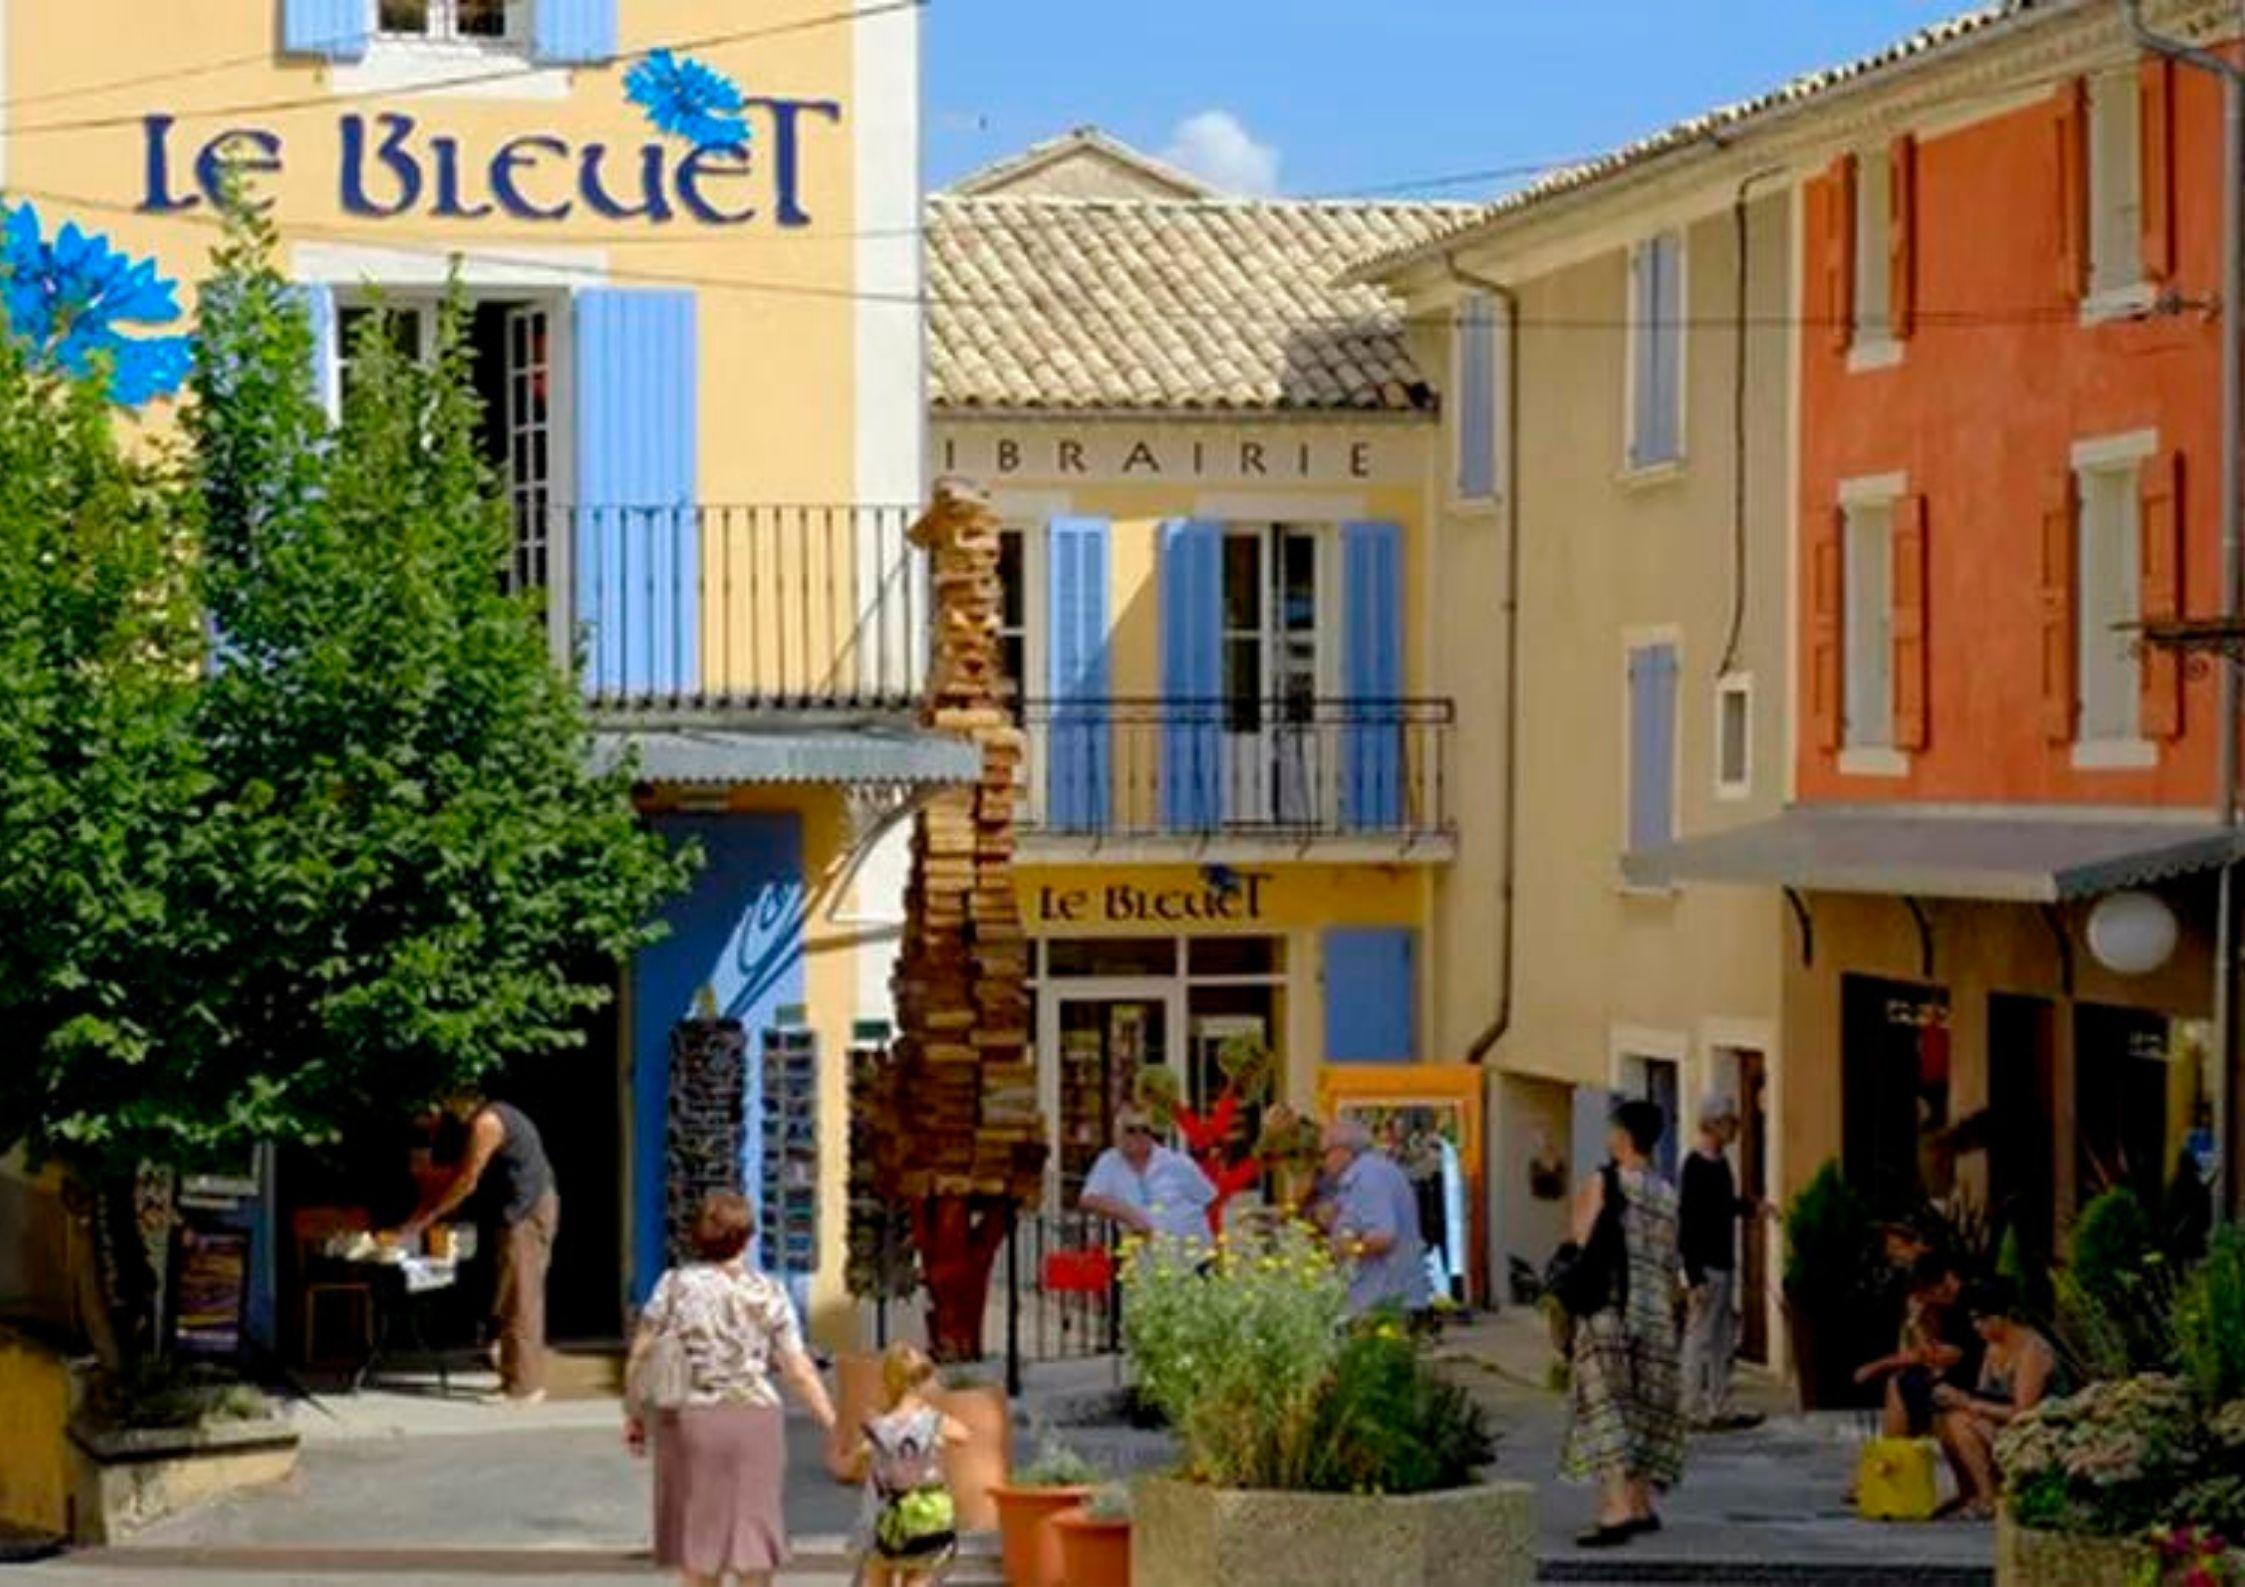 Le Bleuet librairie indépendante à Banon